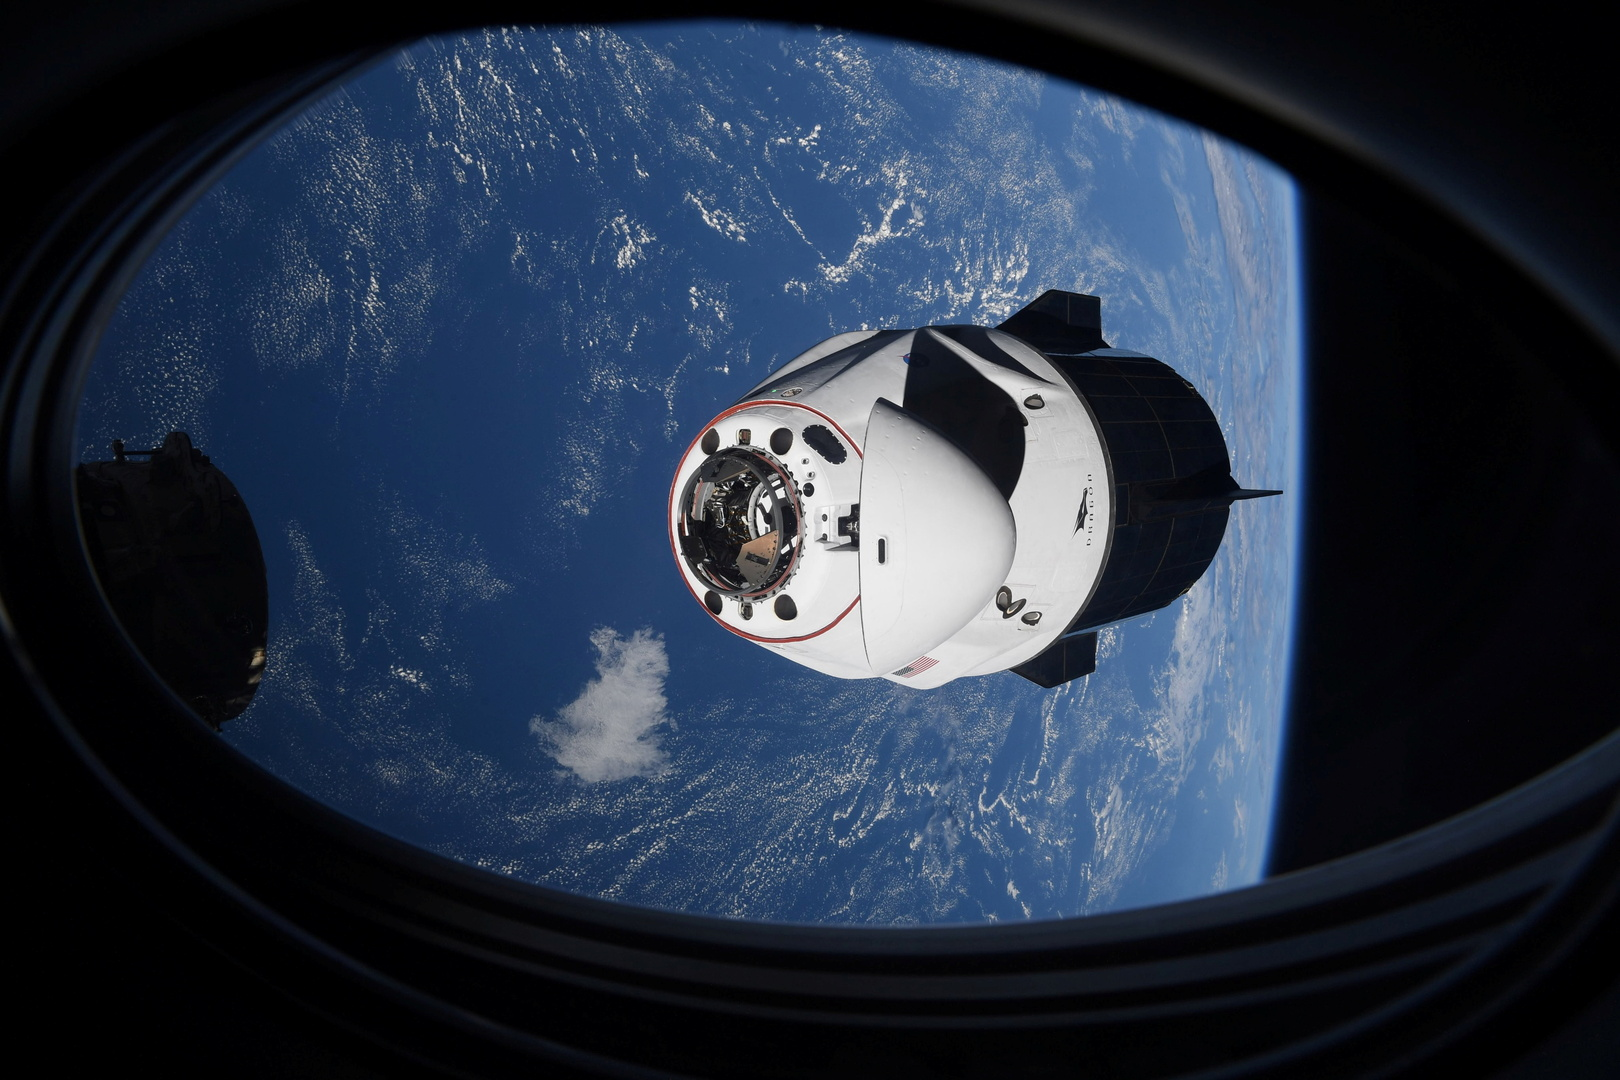 تأجيل انفصال مركبة Crew Dragon عن المحطة الفضائية الدولية